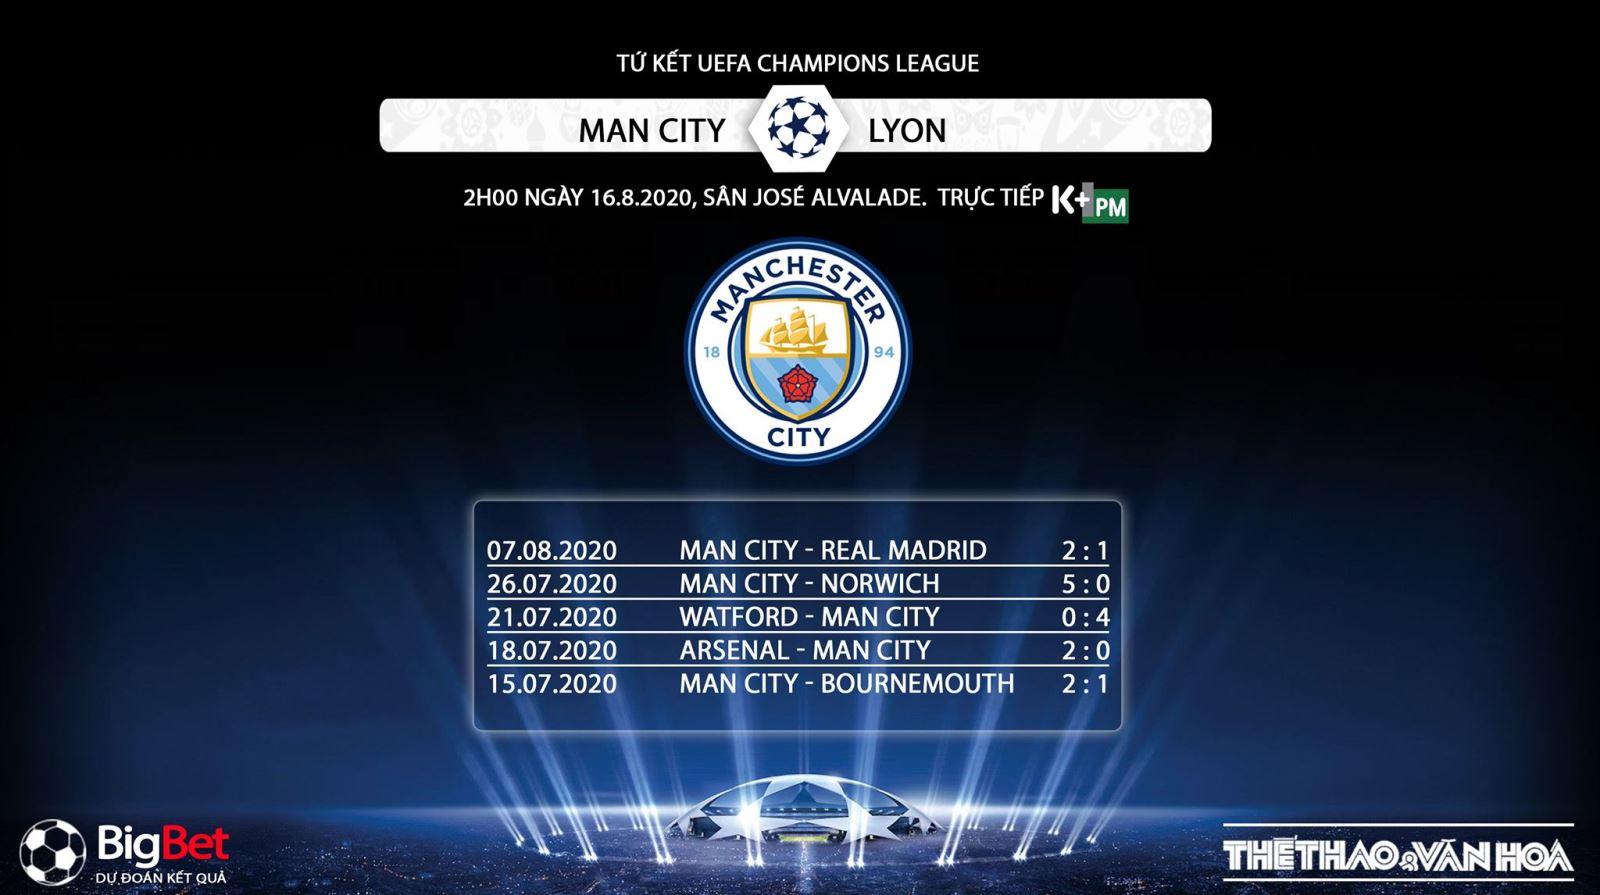 Man City vs Lyon, soi kèo bóng đá, soi kèo Man City vs Lyon, Man City, Lyon, trực tiếp bóng đá, trực tiếp  Man City vs Lyon, dự đoán, nhận định Man City vs Lyon